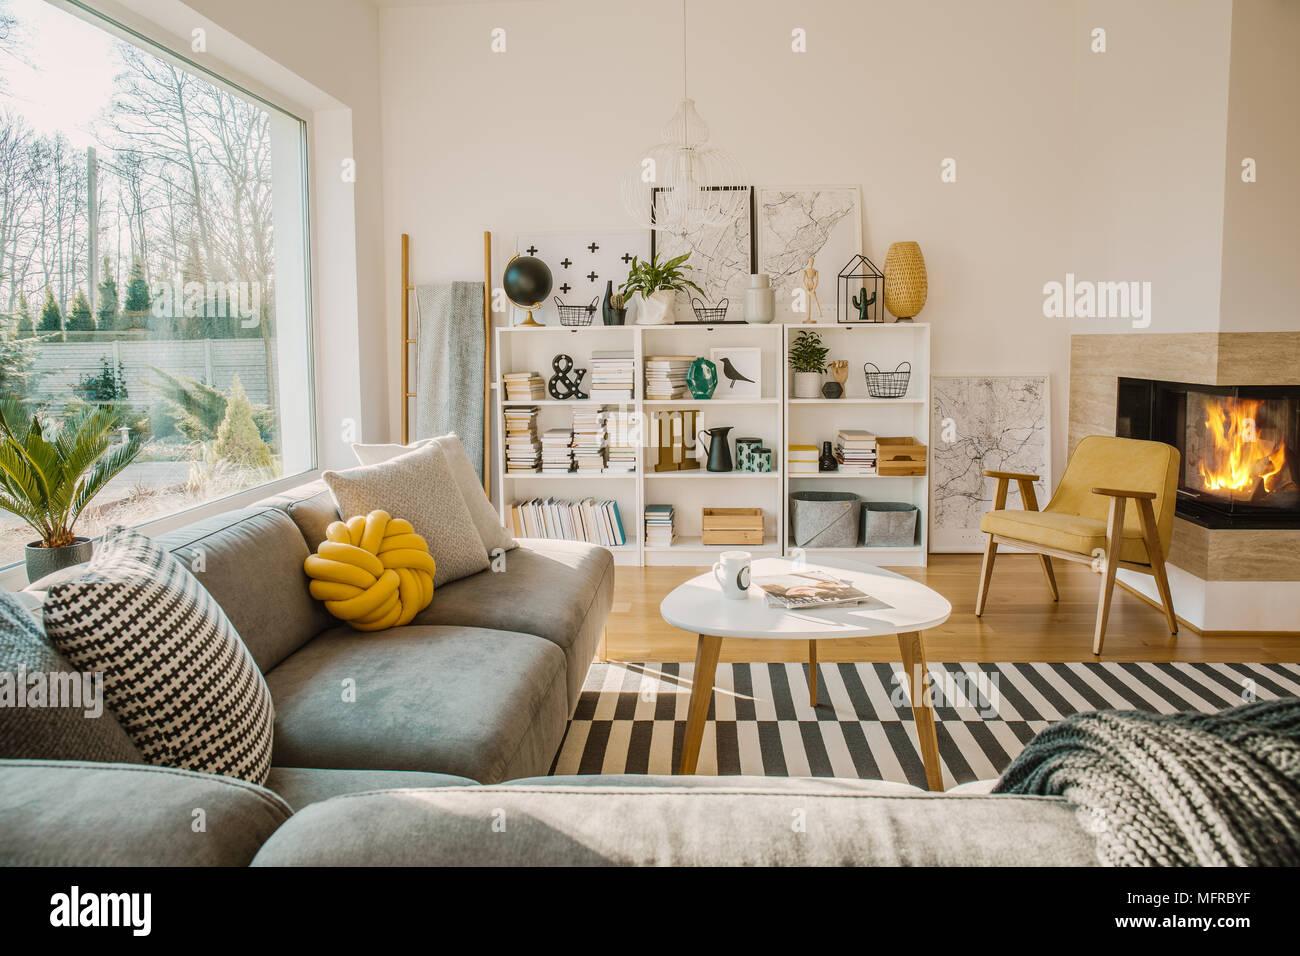 Weiß Holz- Regal mit Büchern, Dekorationen, Frische Pflanzen und ...